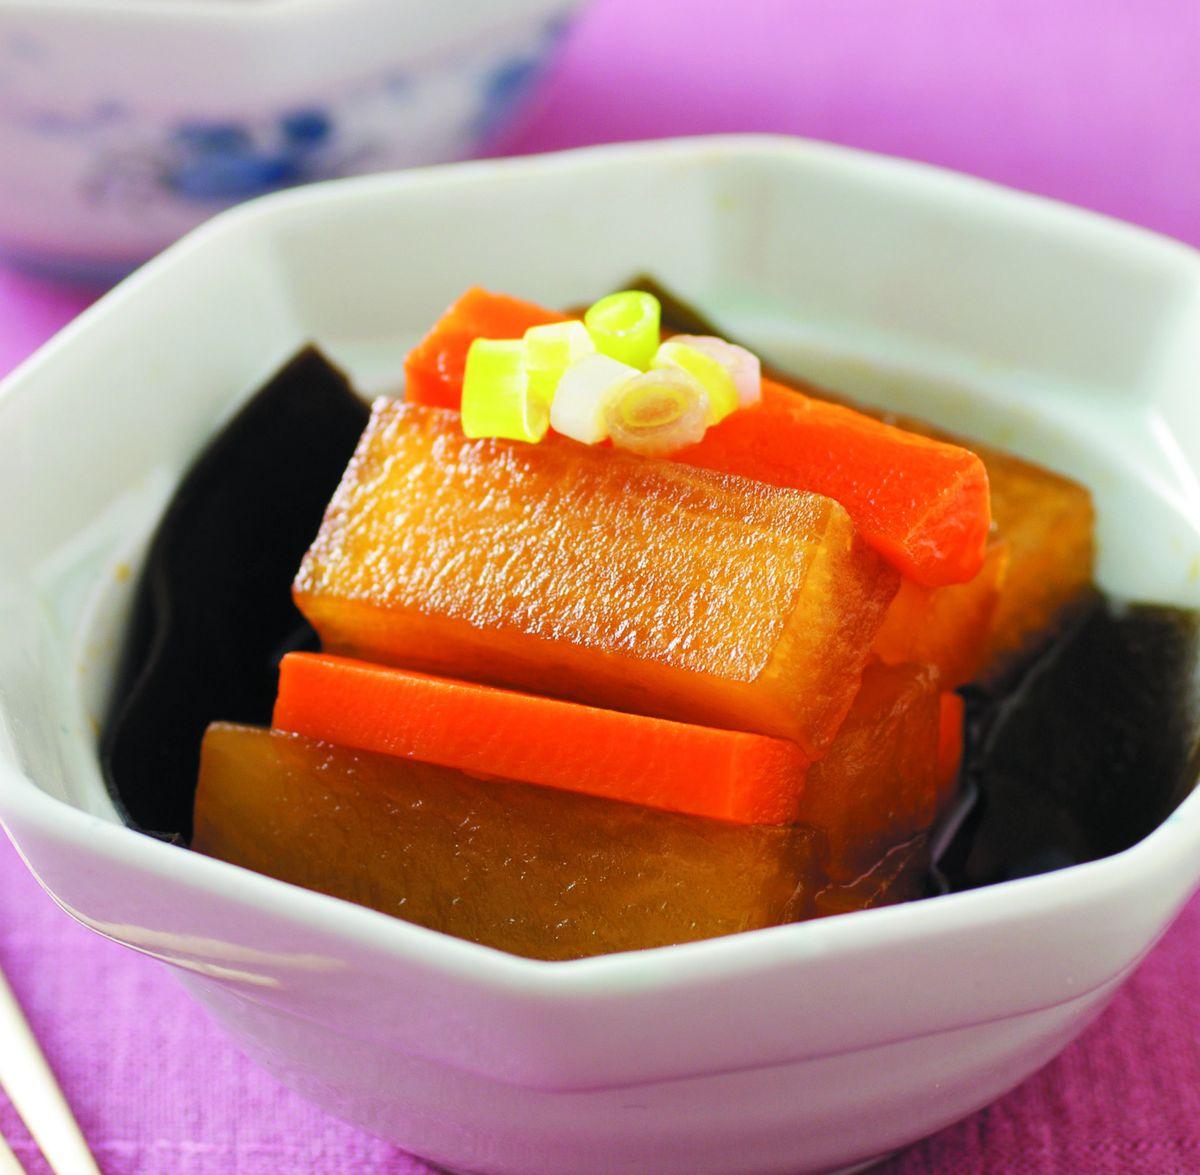 食譜:日式風味燒蘿蔔